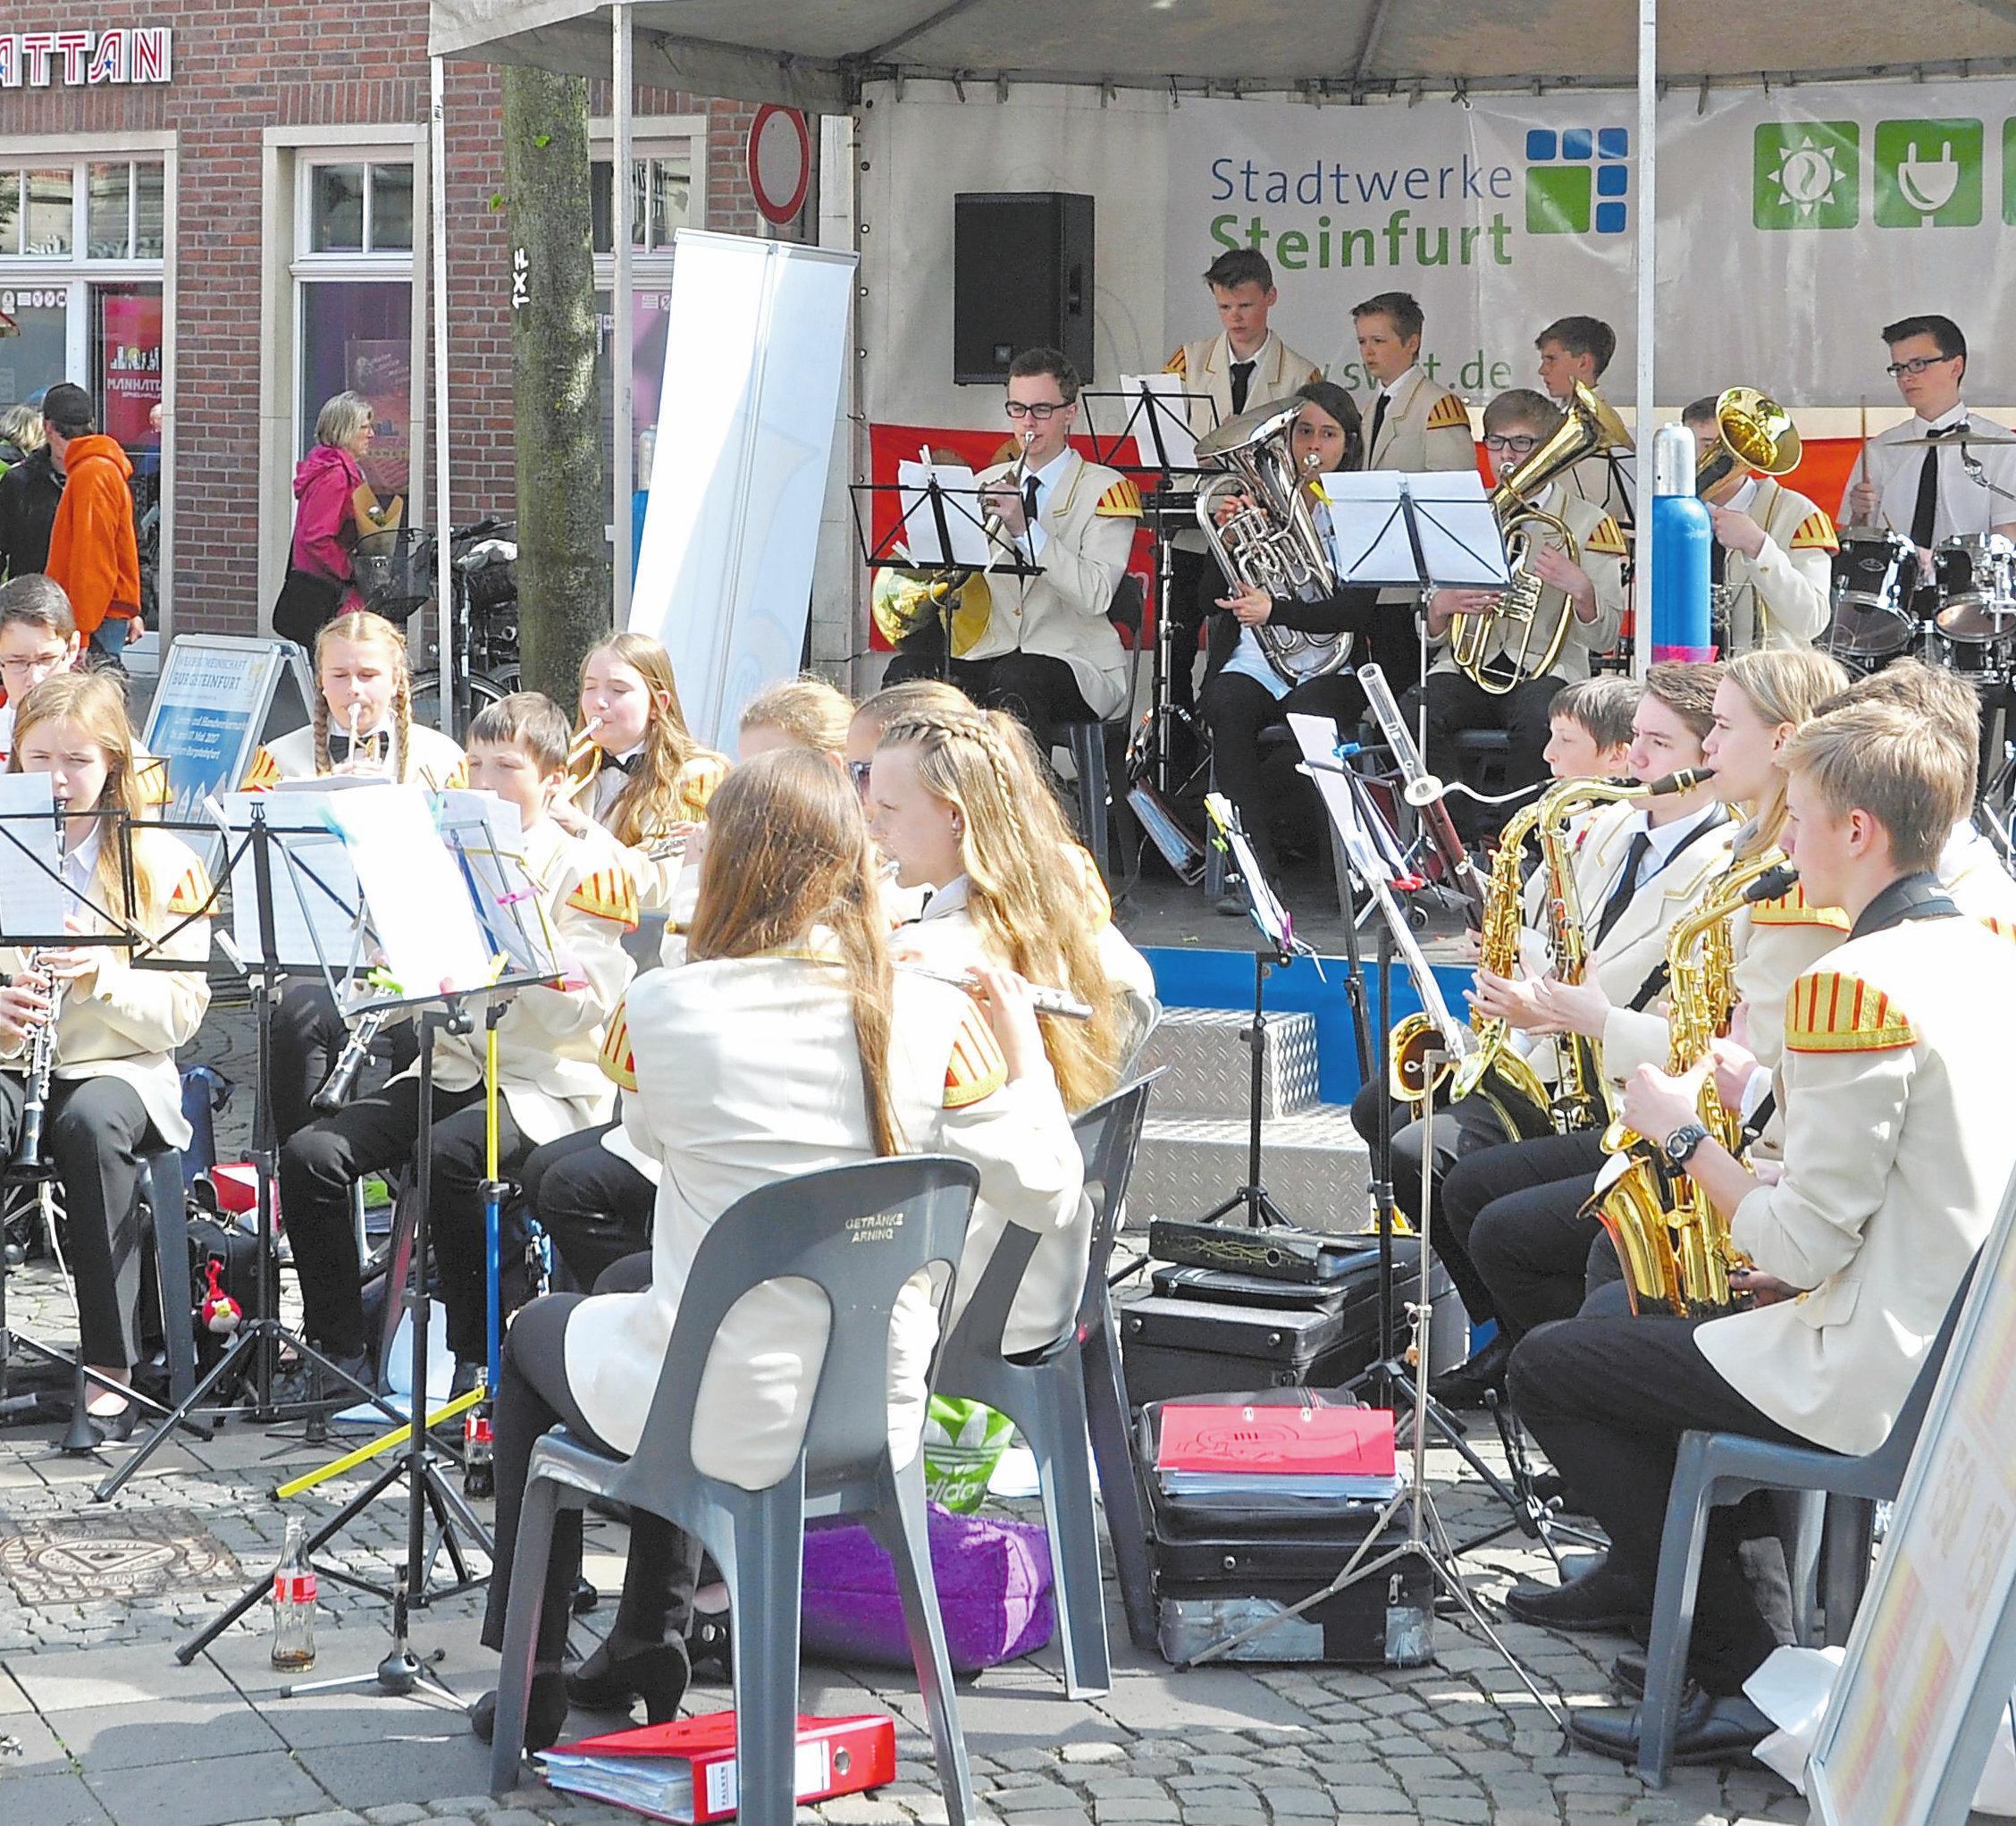 Verschiedene Bands und Blasorchester begleiten den Markt an beiden Tagen musikalisch. Foto: Bernd Schäfer